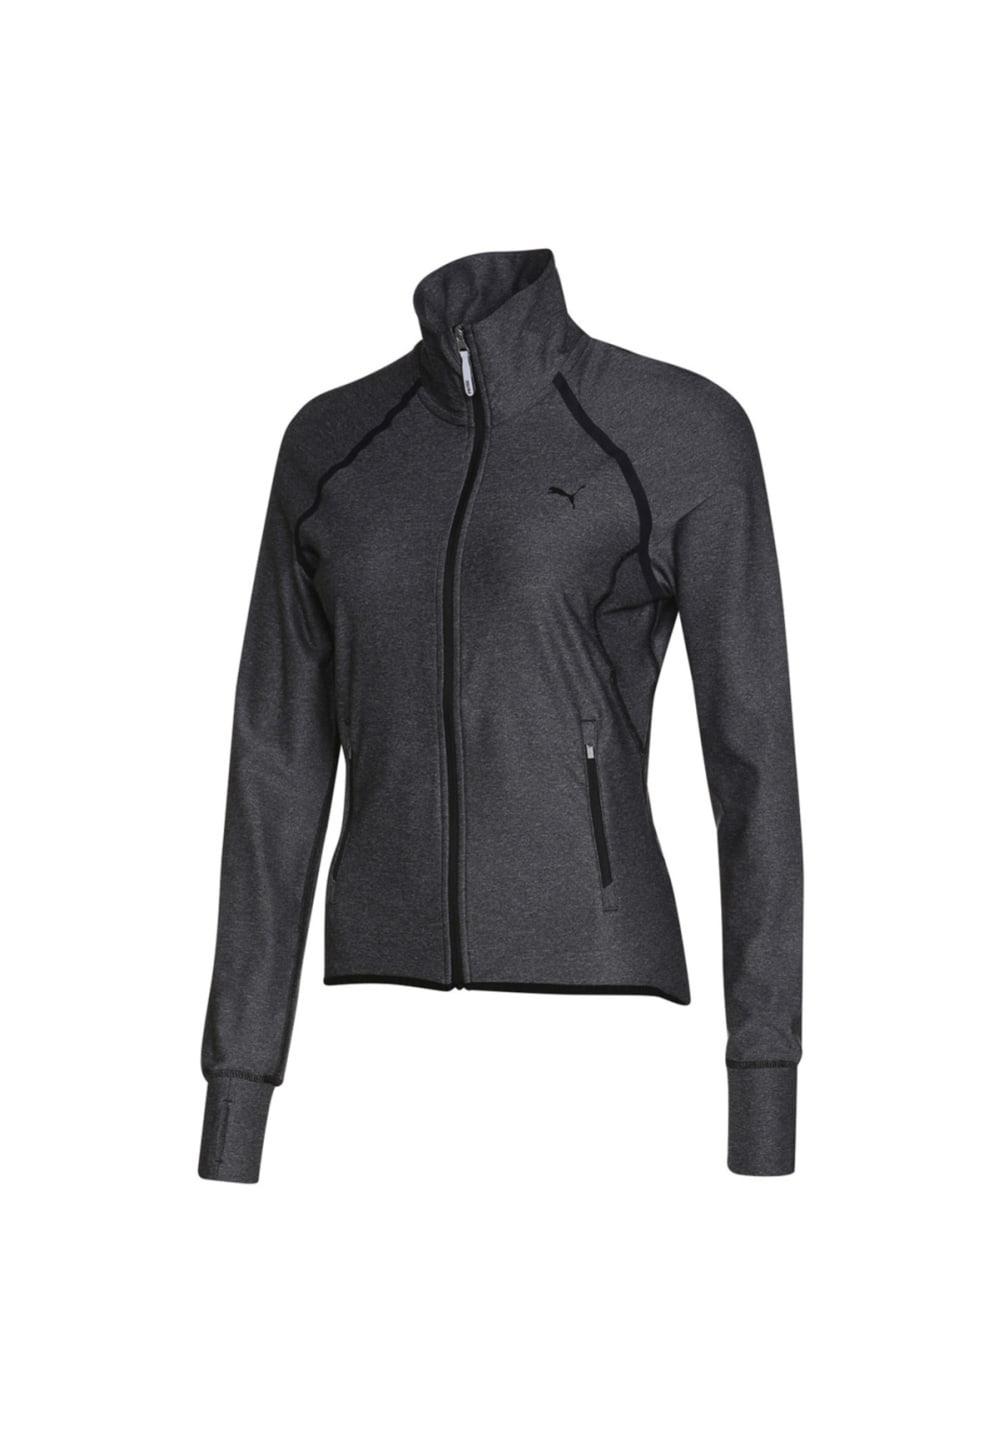 Puma Pwrshape Trainingsjacke - Laufshirts für Damen - Grau, Gr. L